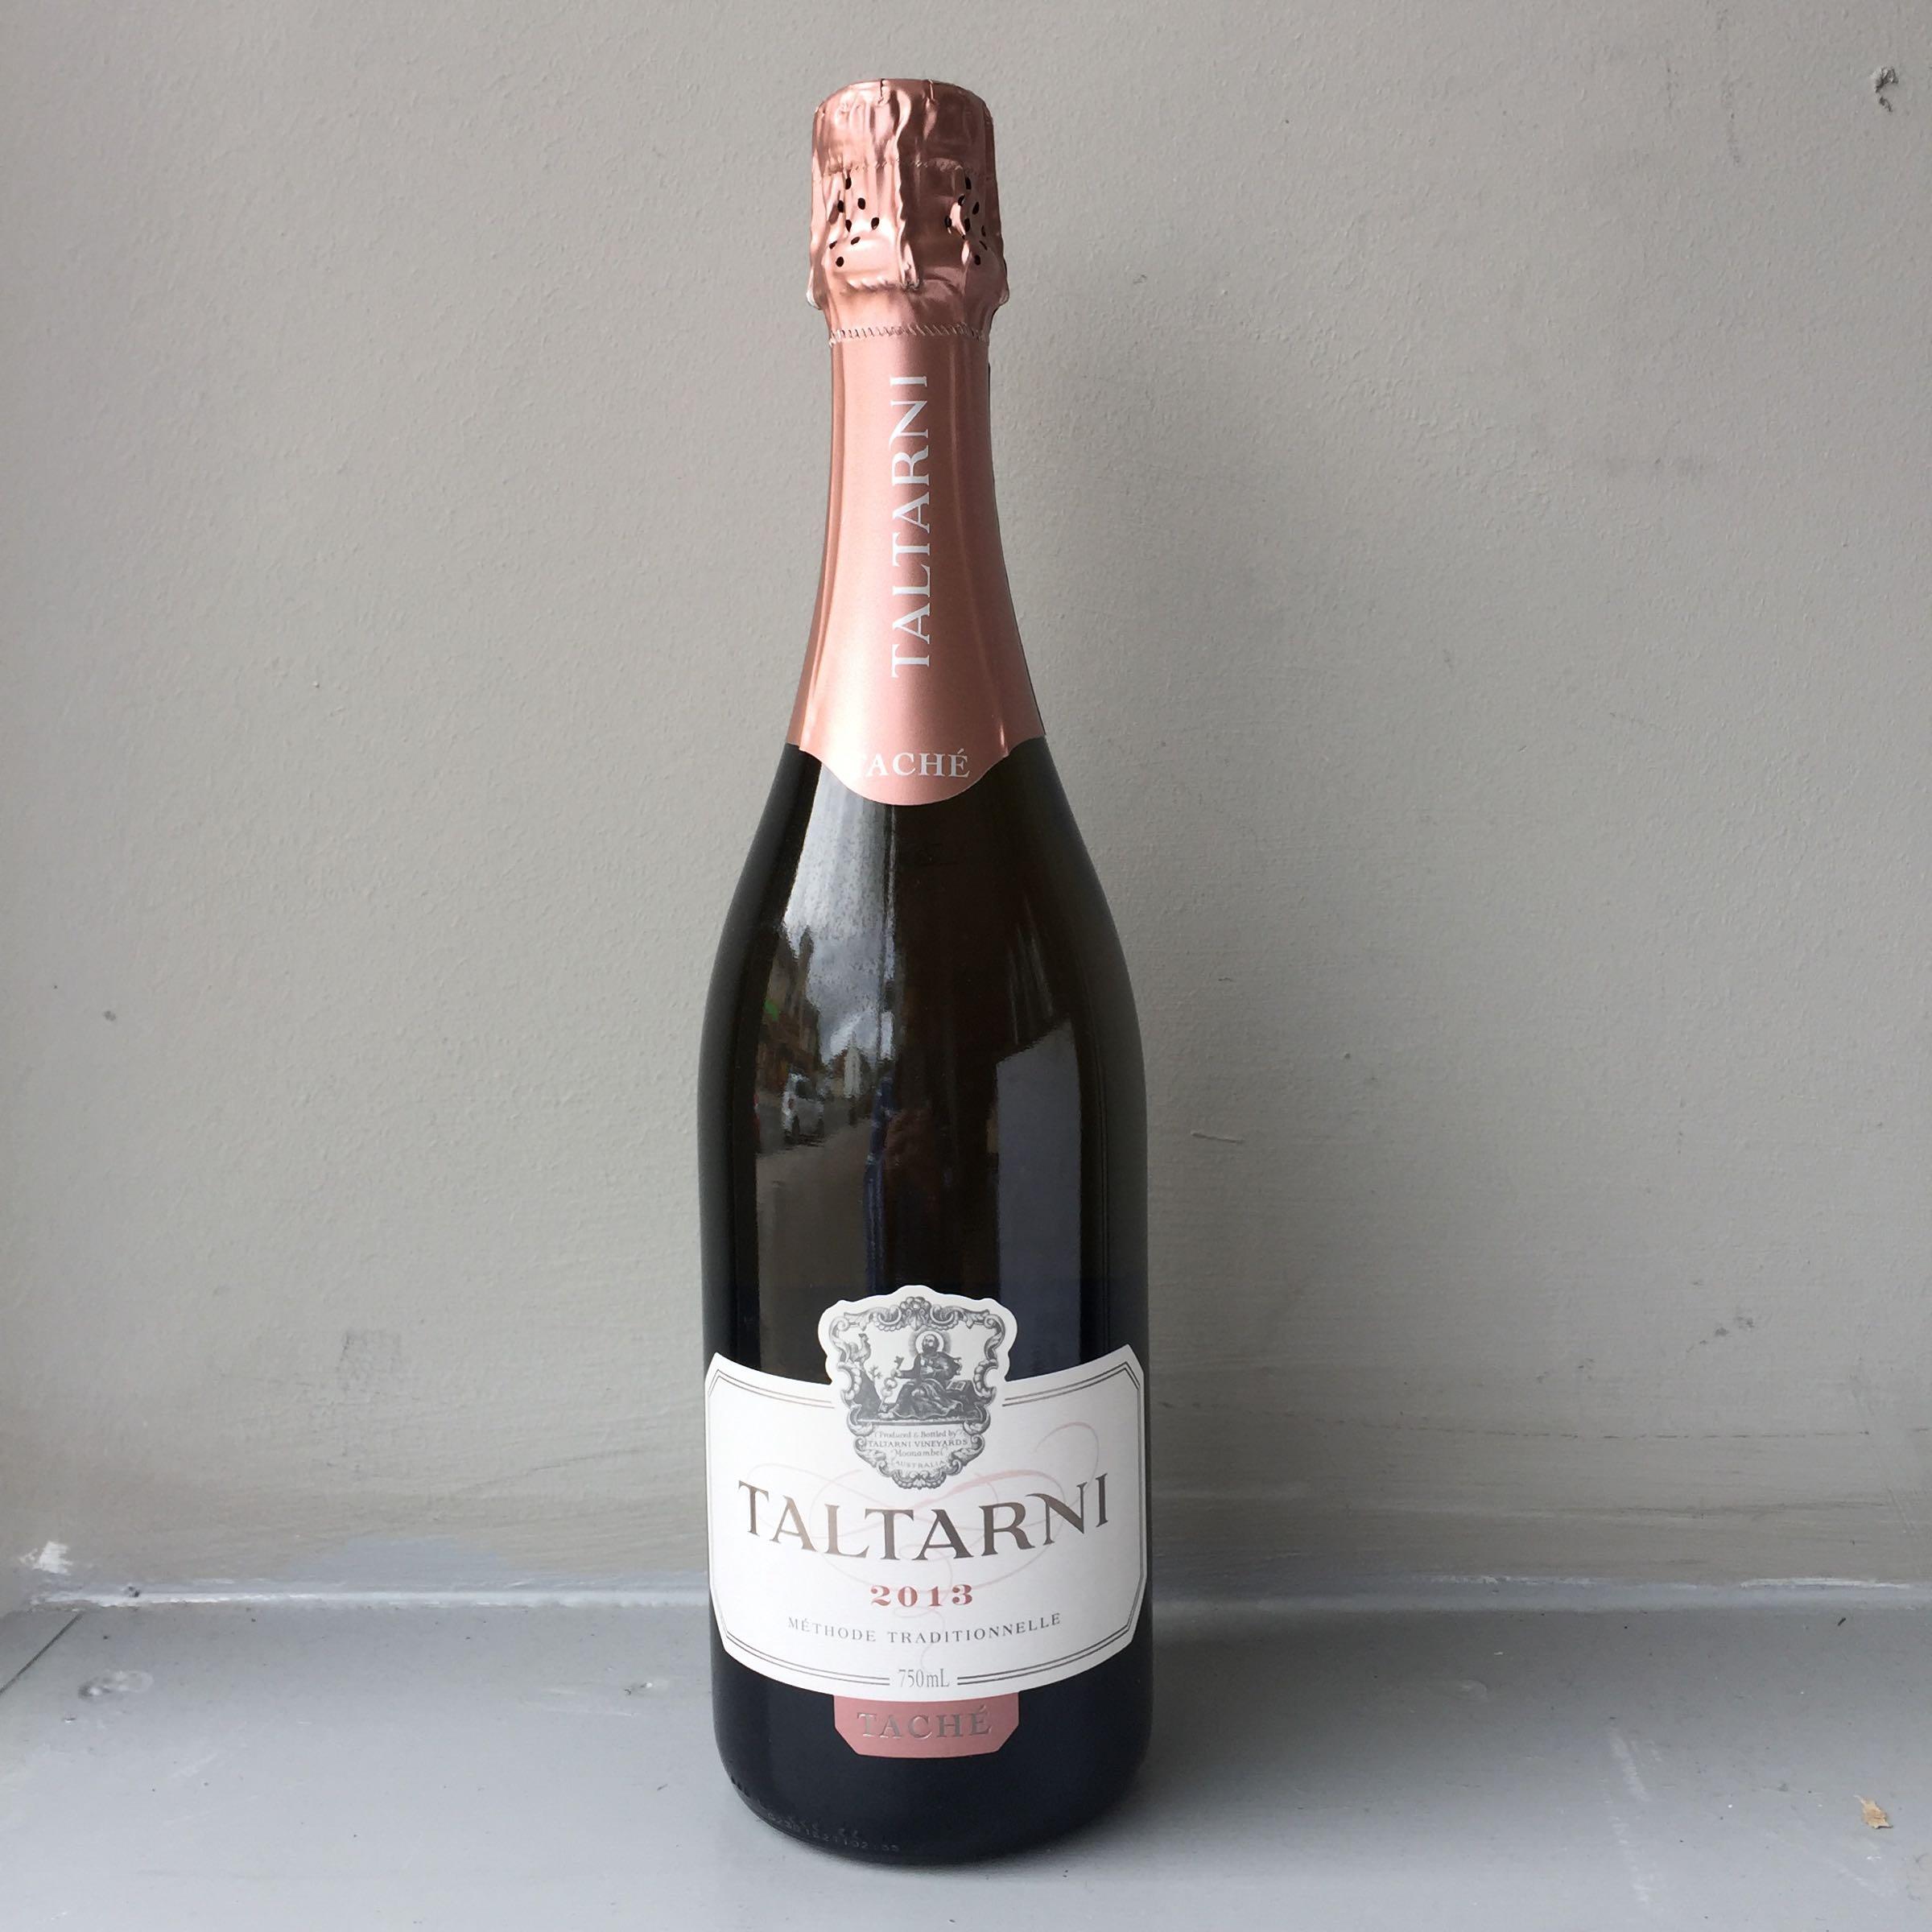 Taltrani - Brut Taché